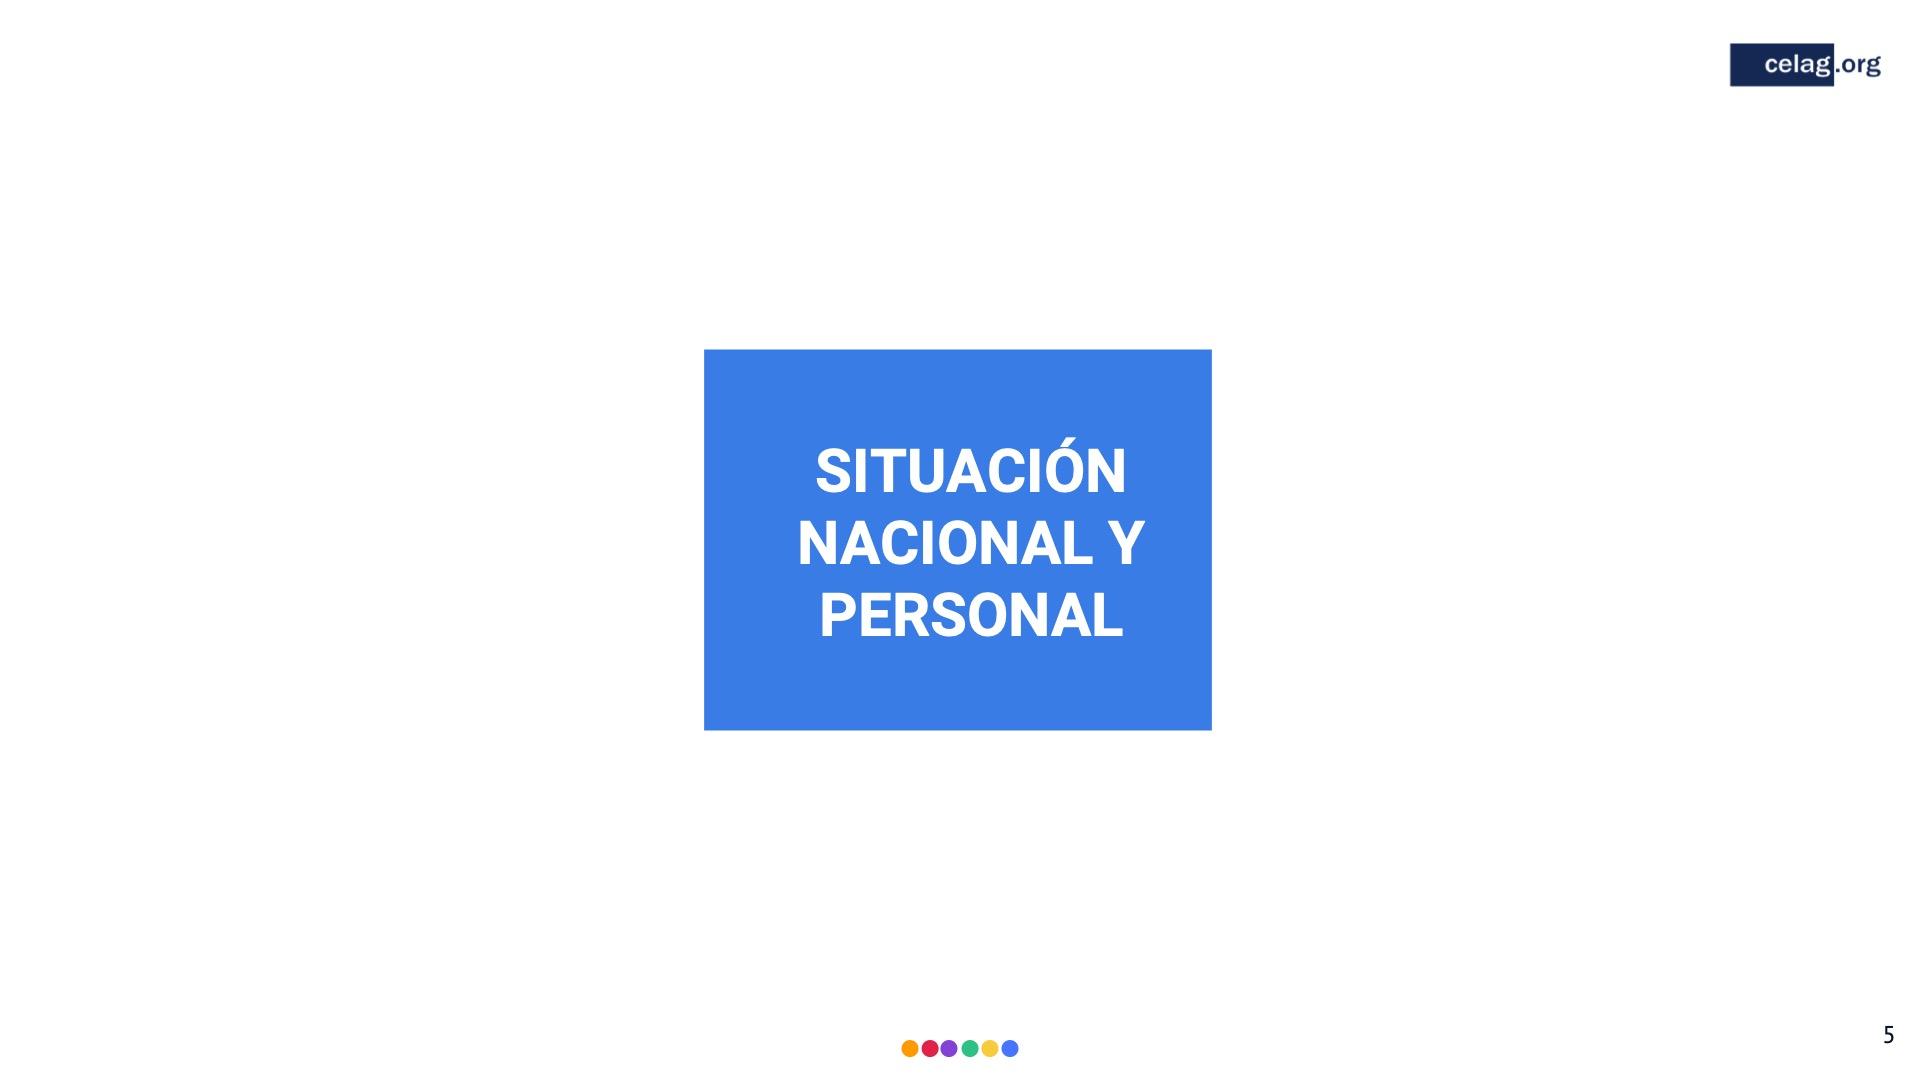 05 Elecciones bolivia situacion nacional y personal